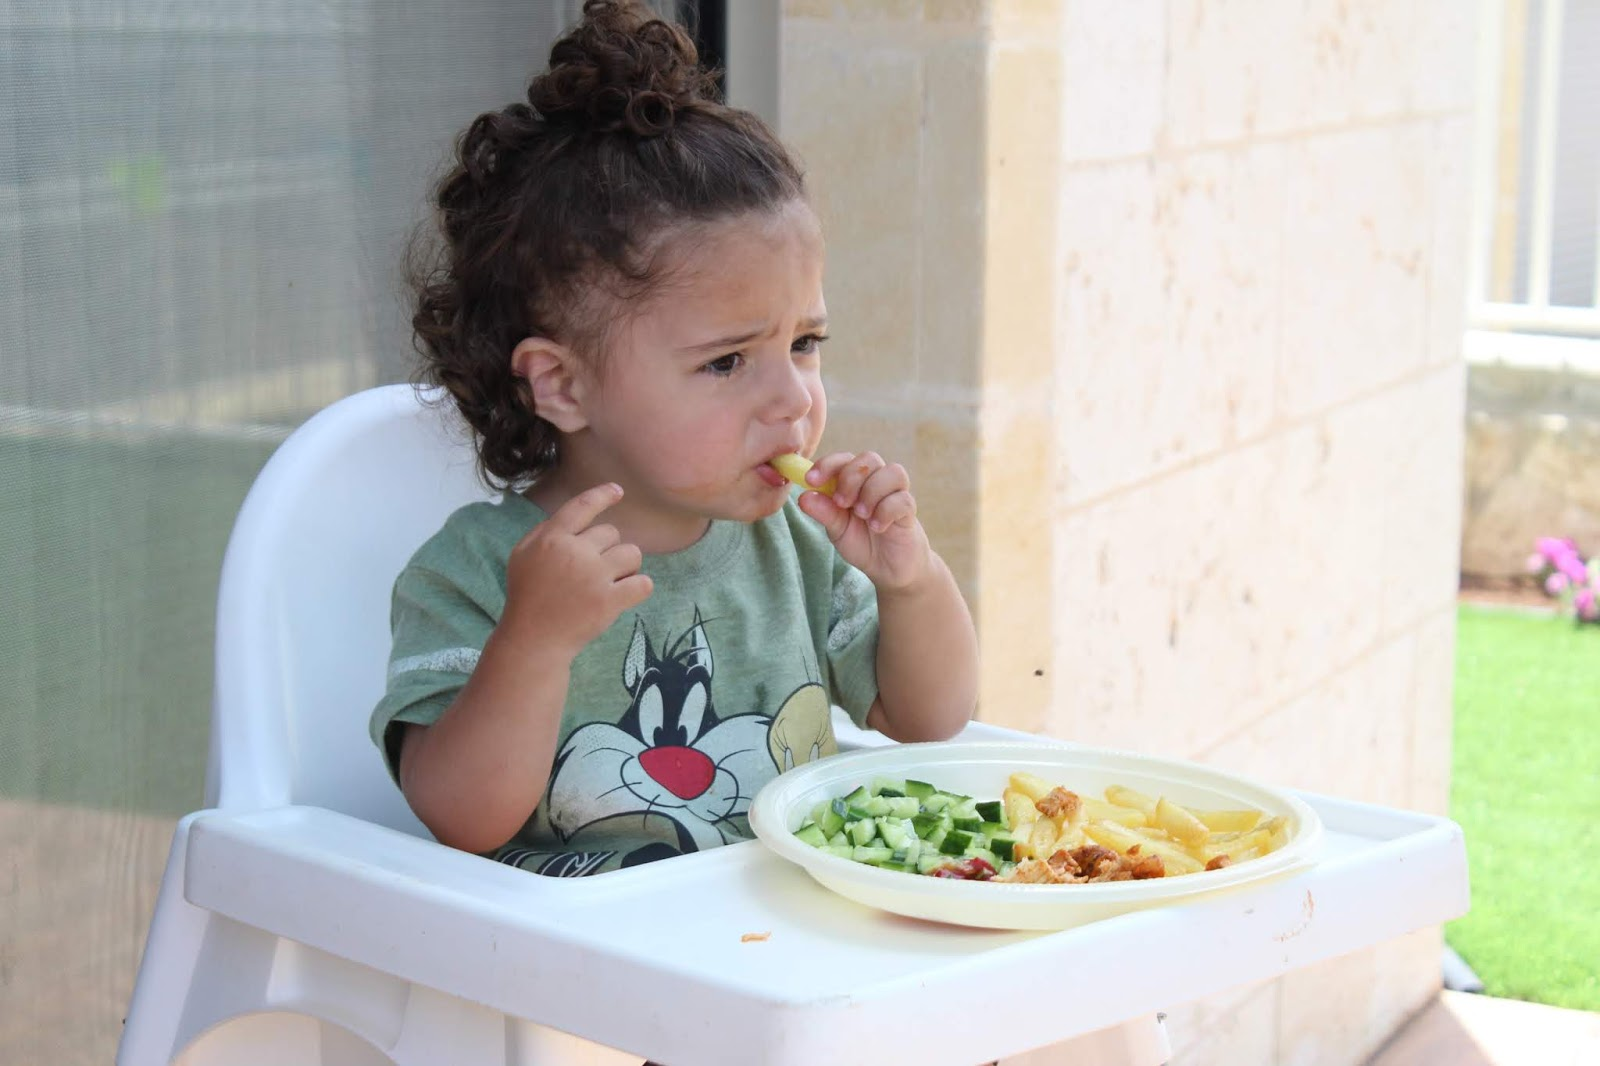 Bagaimana Mengatasi Anak Yang Sulit Makan Bagaimana Mengatasi Anak Yang Sulit Makan